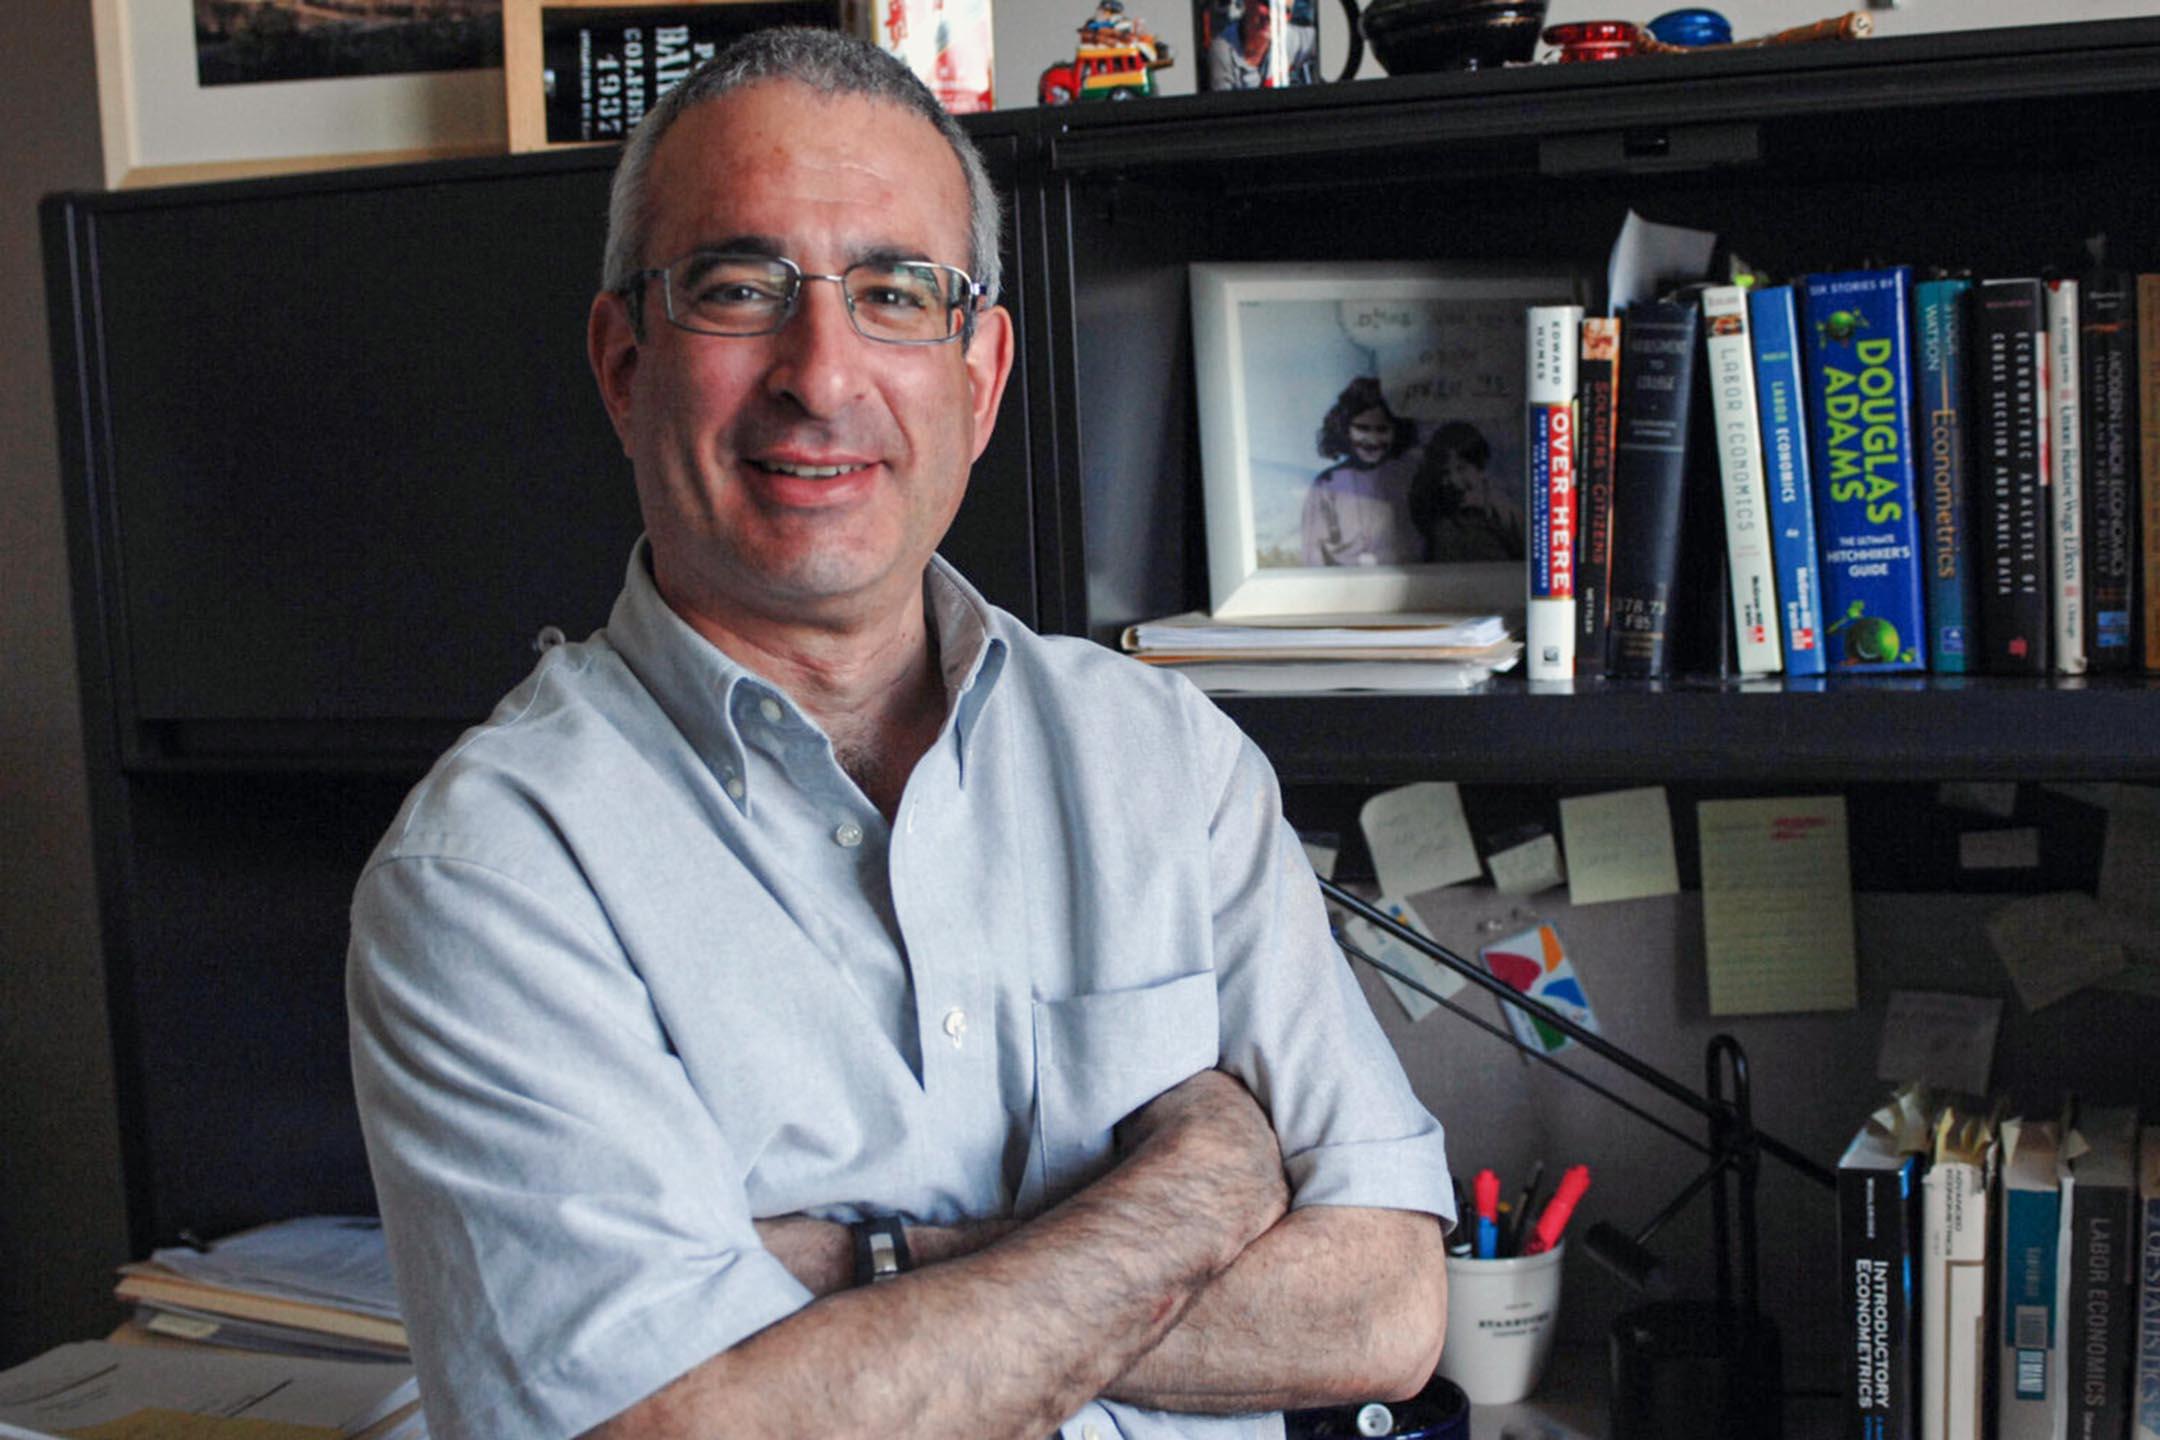 諾貝爾經濟學獎得主之一,美國麻省理工學院教授安格里斯特(Joshua D. Angrist)。